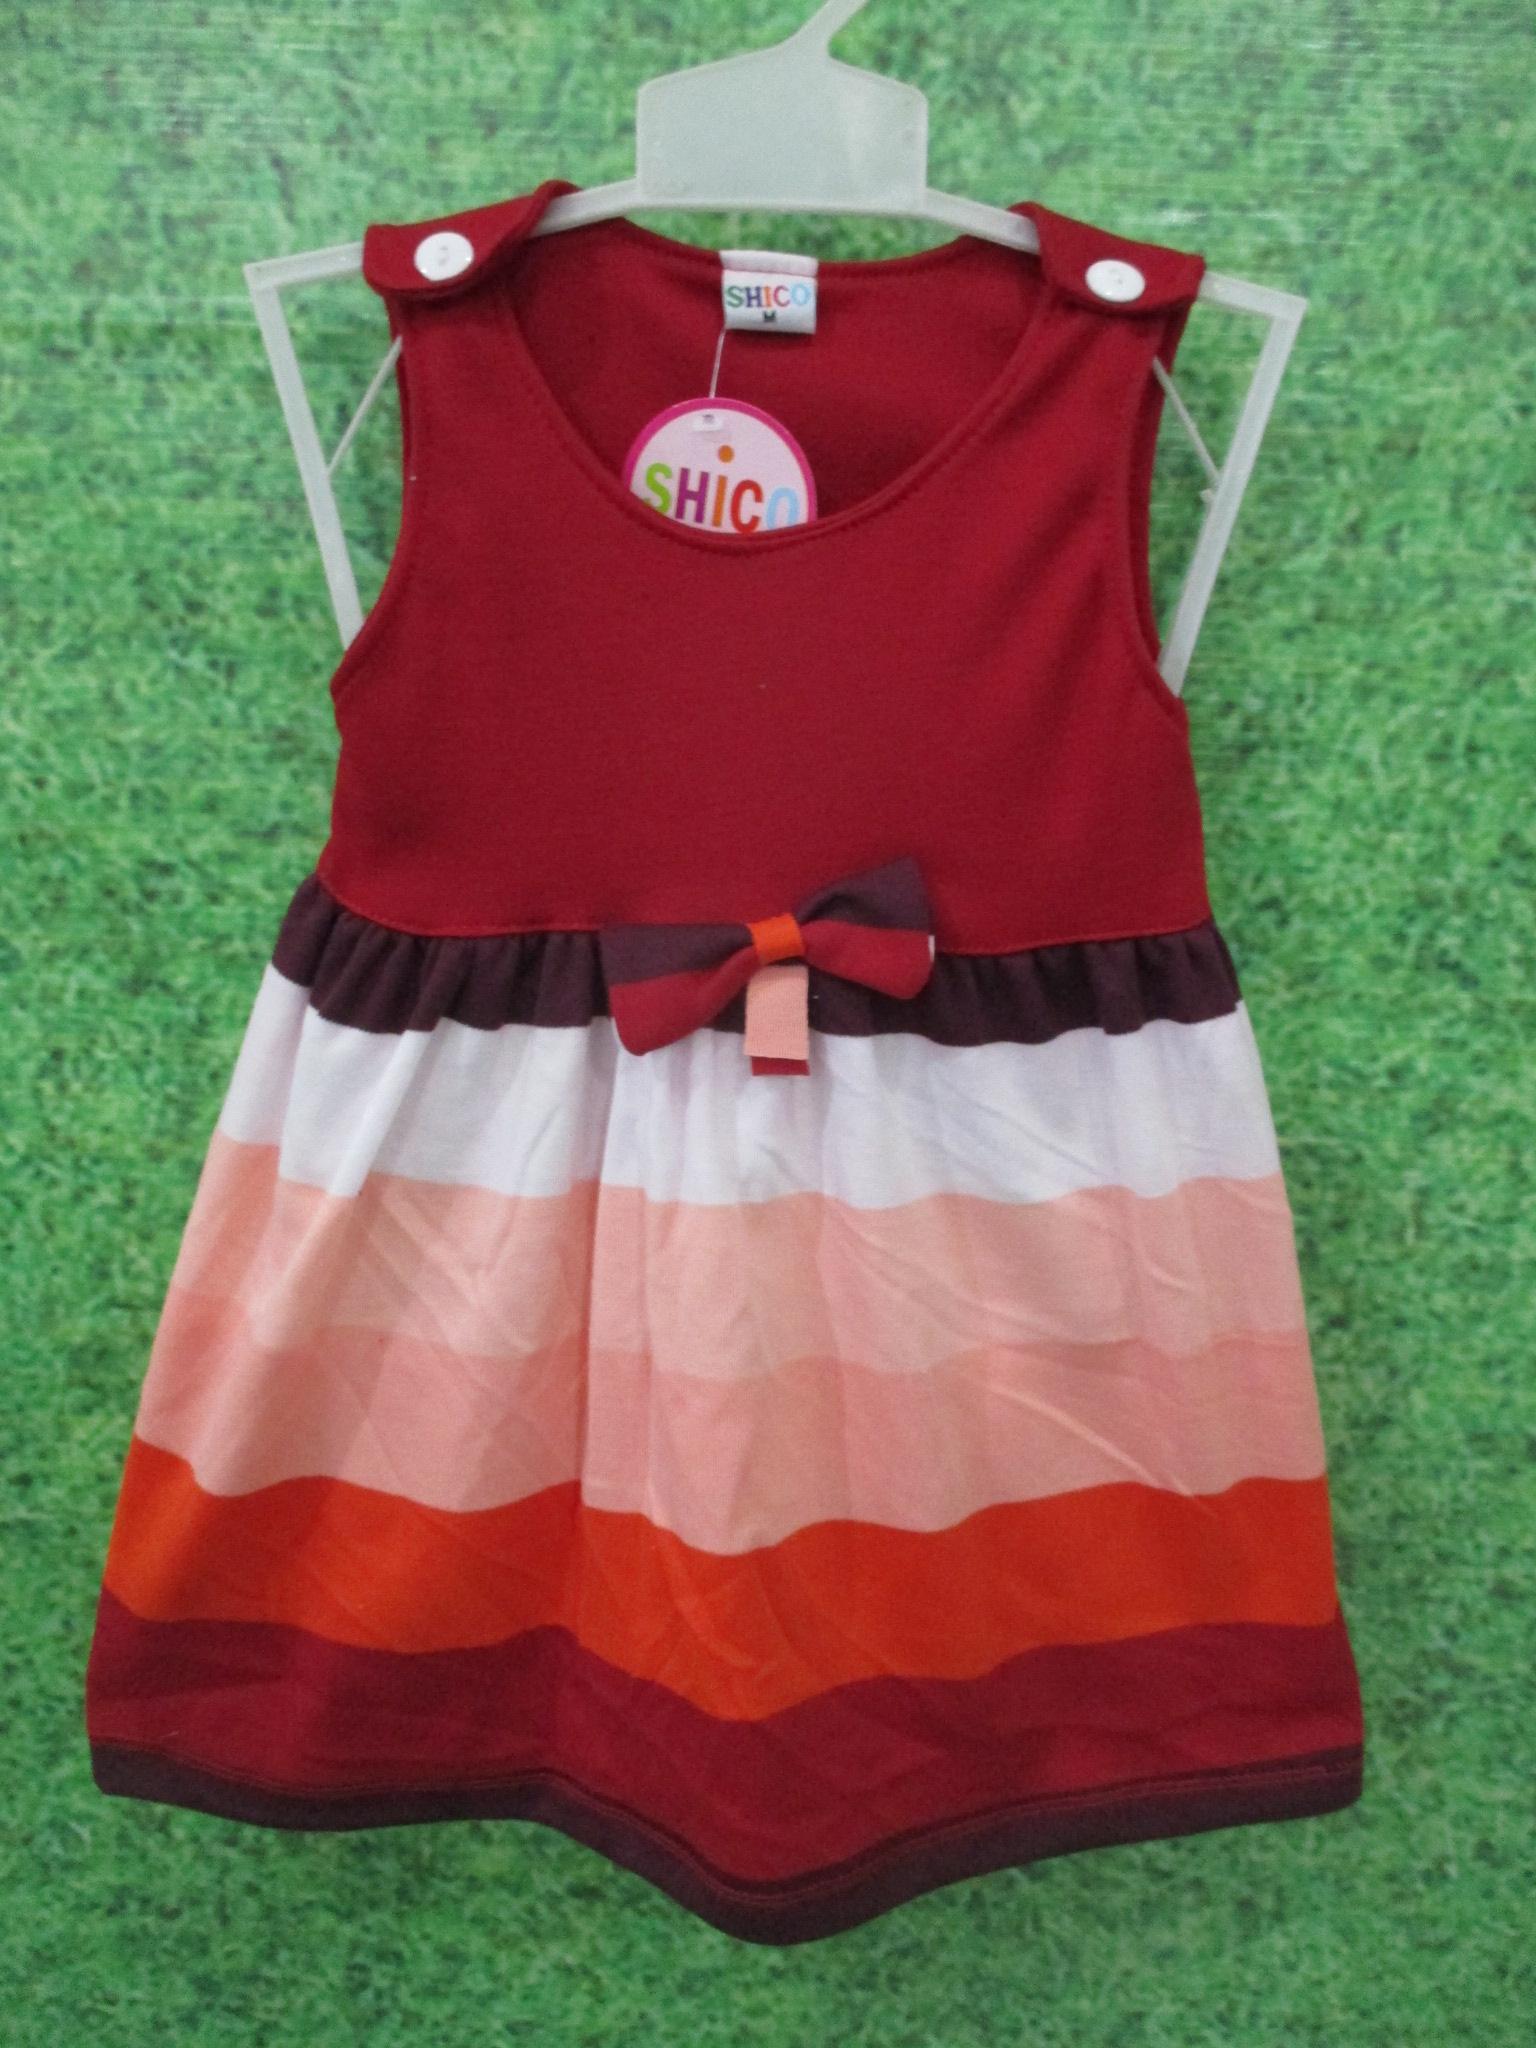 ObralanBaju.com Obral Baju Pakaian Murah Meriah 5000 Dress Salur Pita